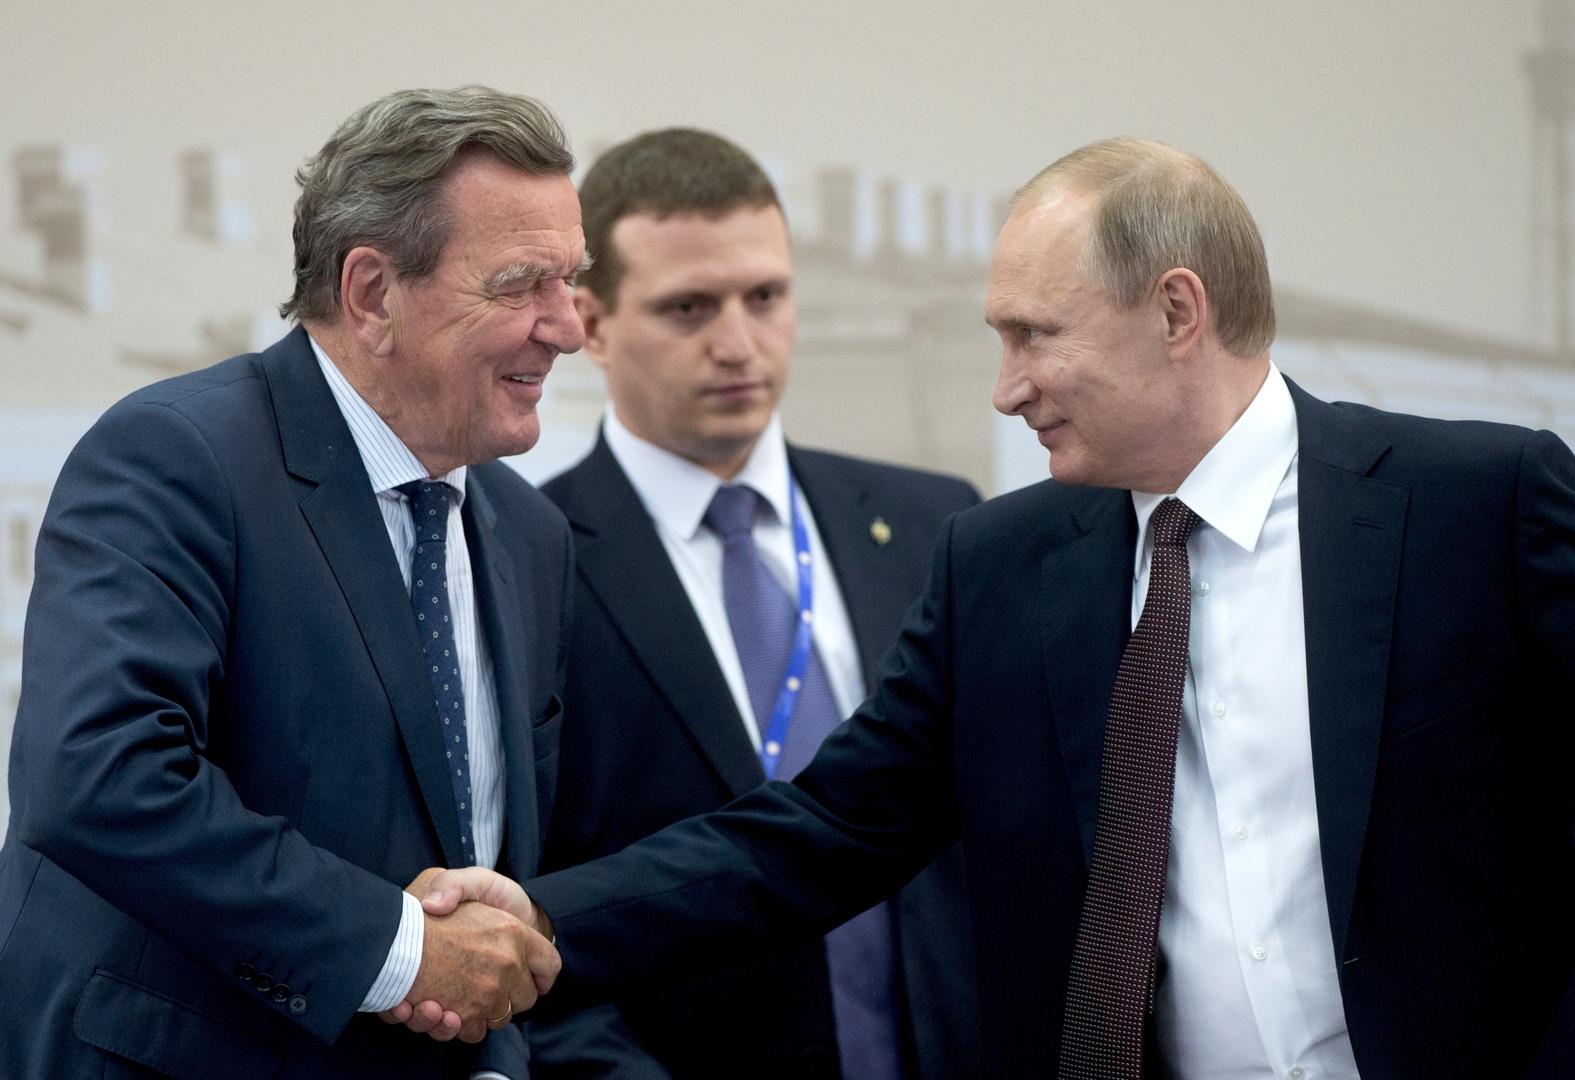 الرئيس الروسي فلاديمير بوتين والمستشار الألماني السابق غيرهارد شرودر، سان بطرسبورغ، روسيا، 17 يونيو 2016